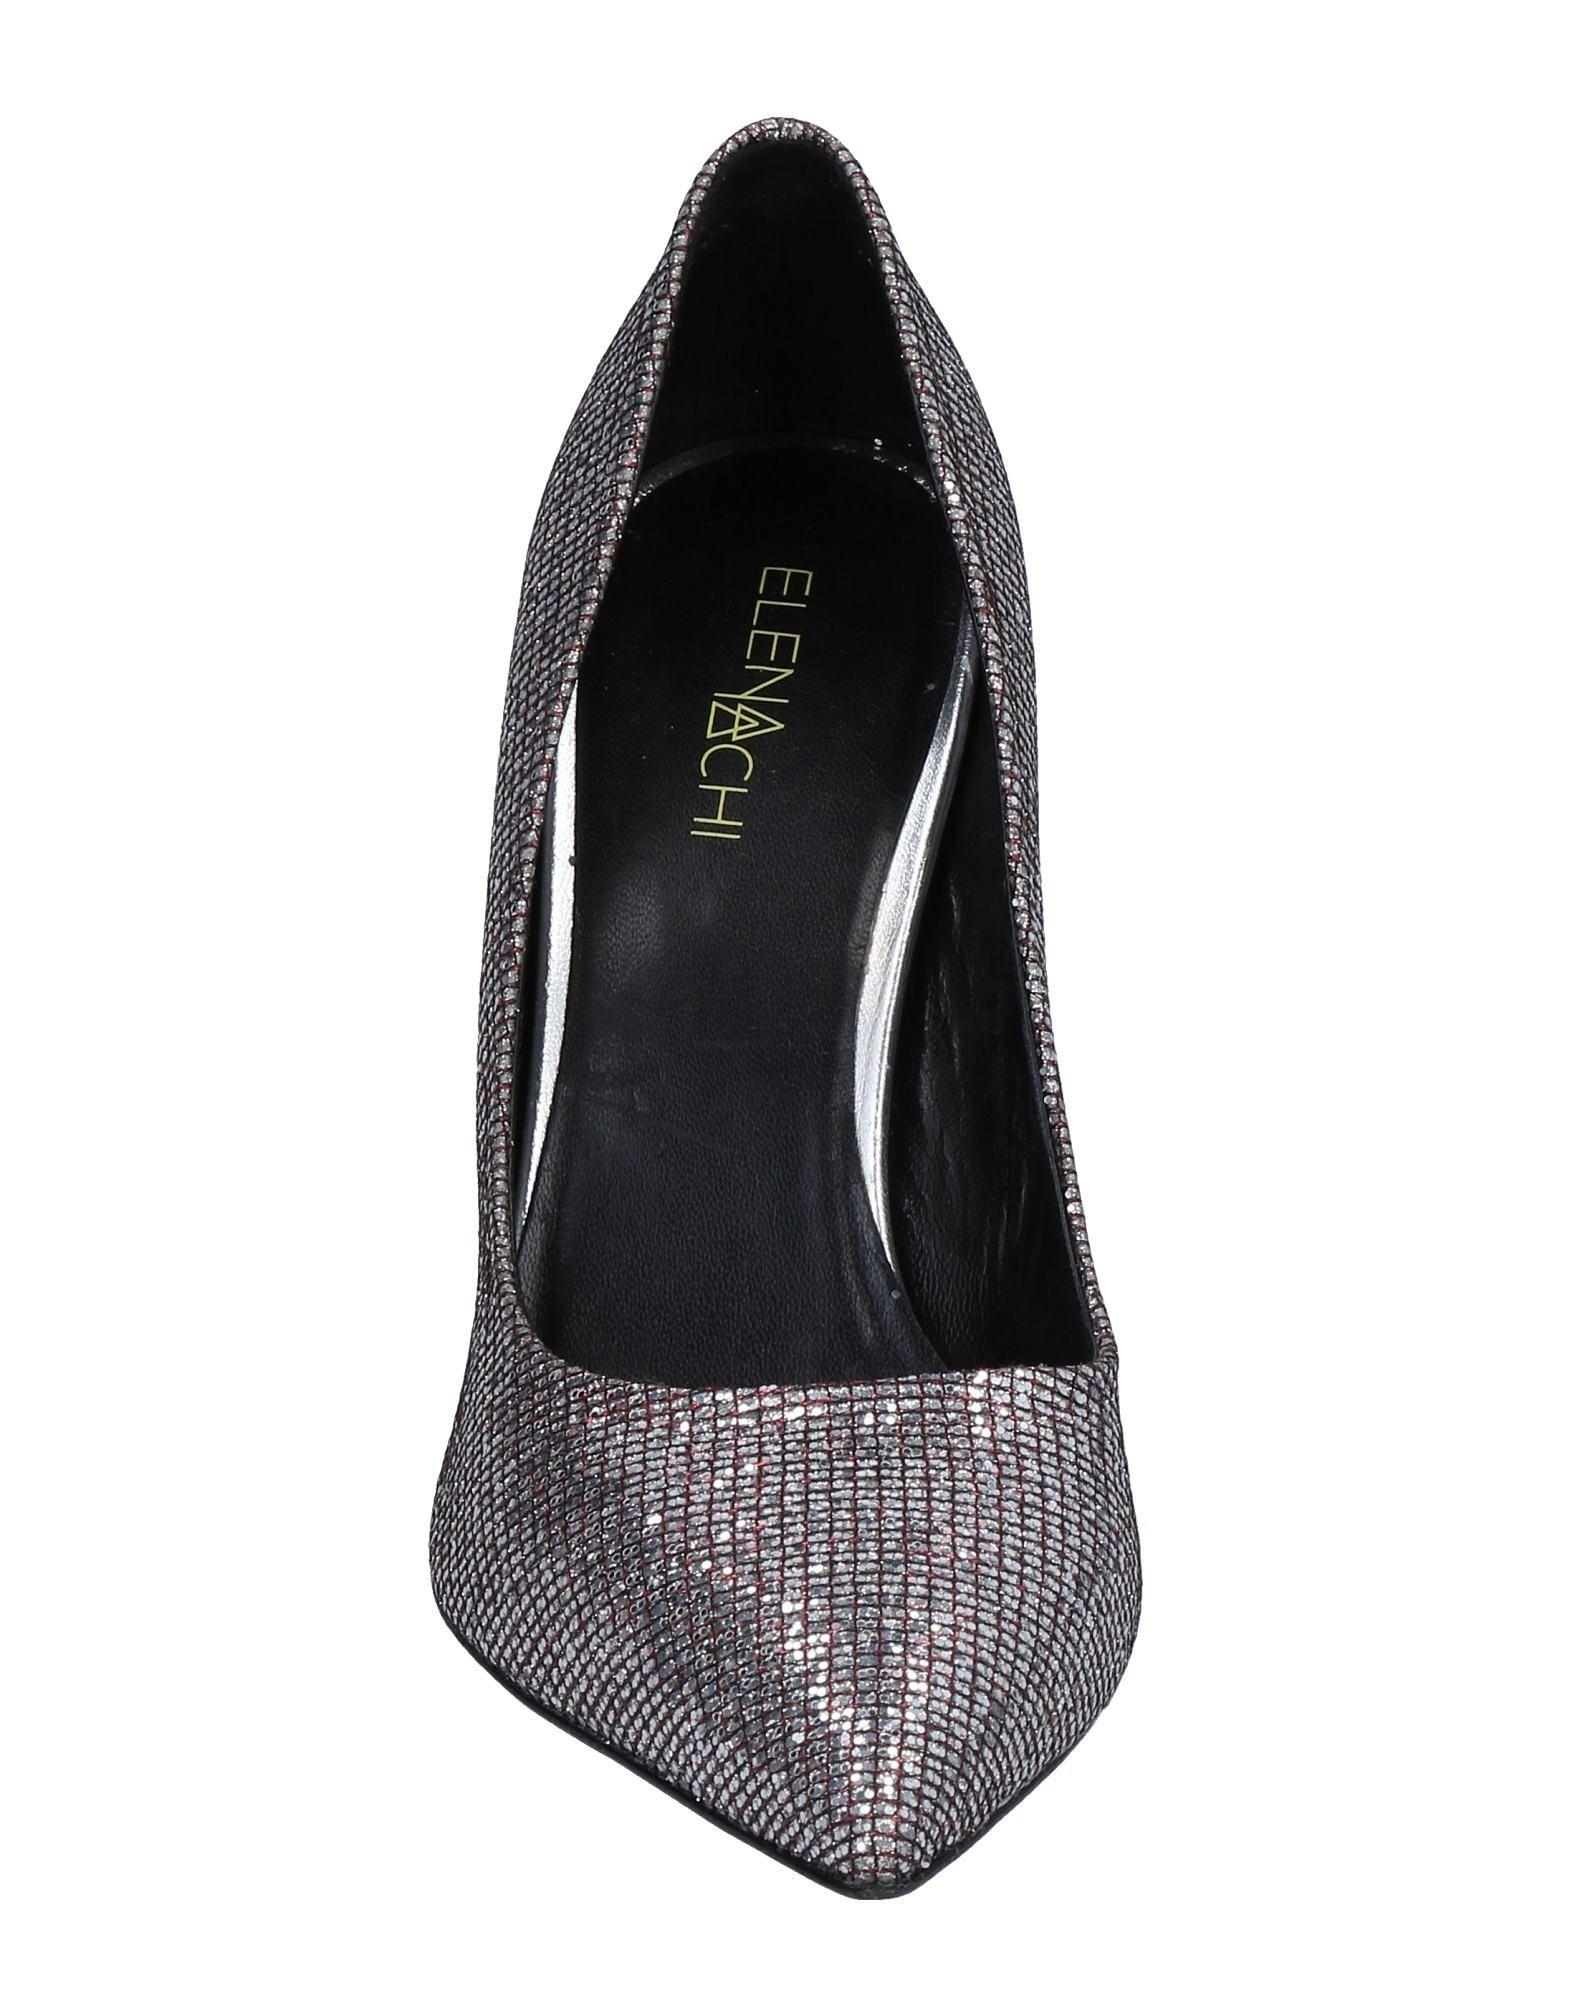 Stilvolle billige Damen Schuhe Elena Iachi Pumps Damen billige  11512289MC 453c89